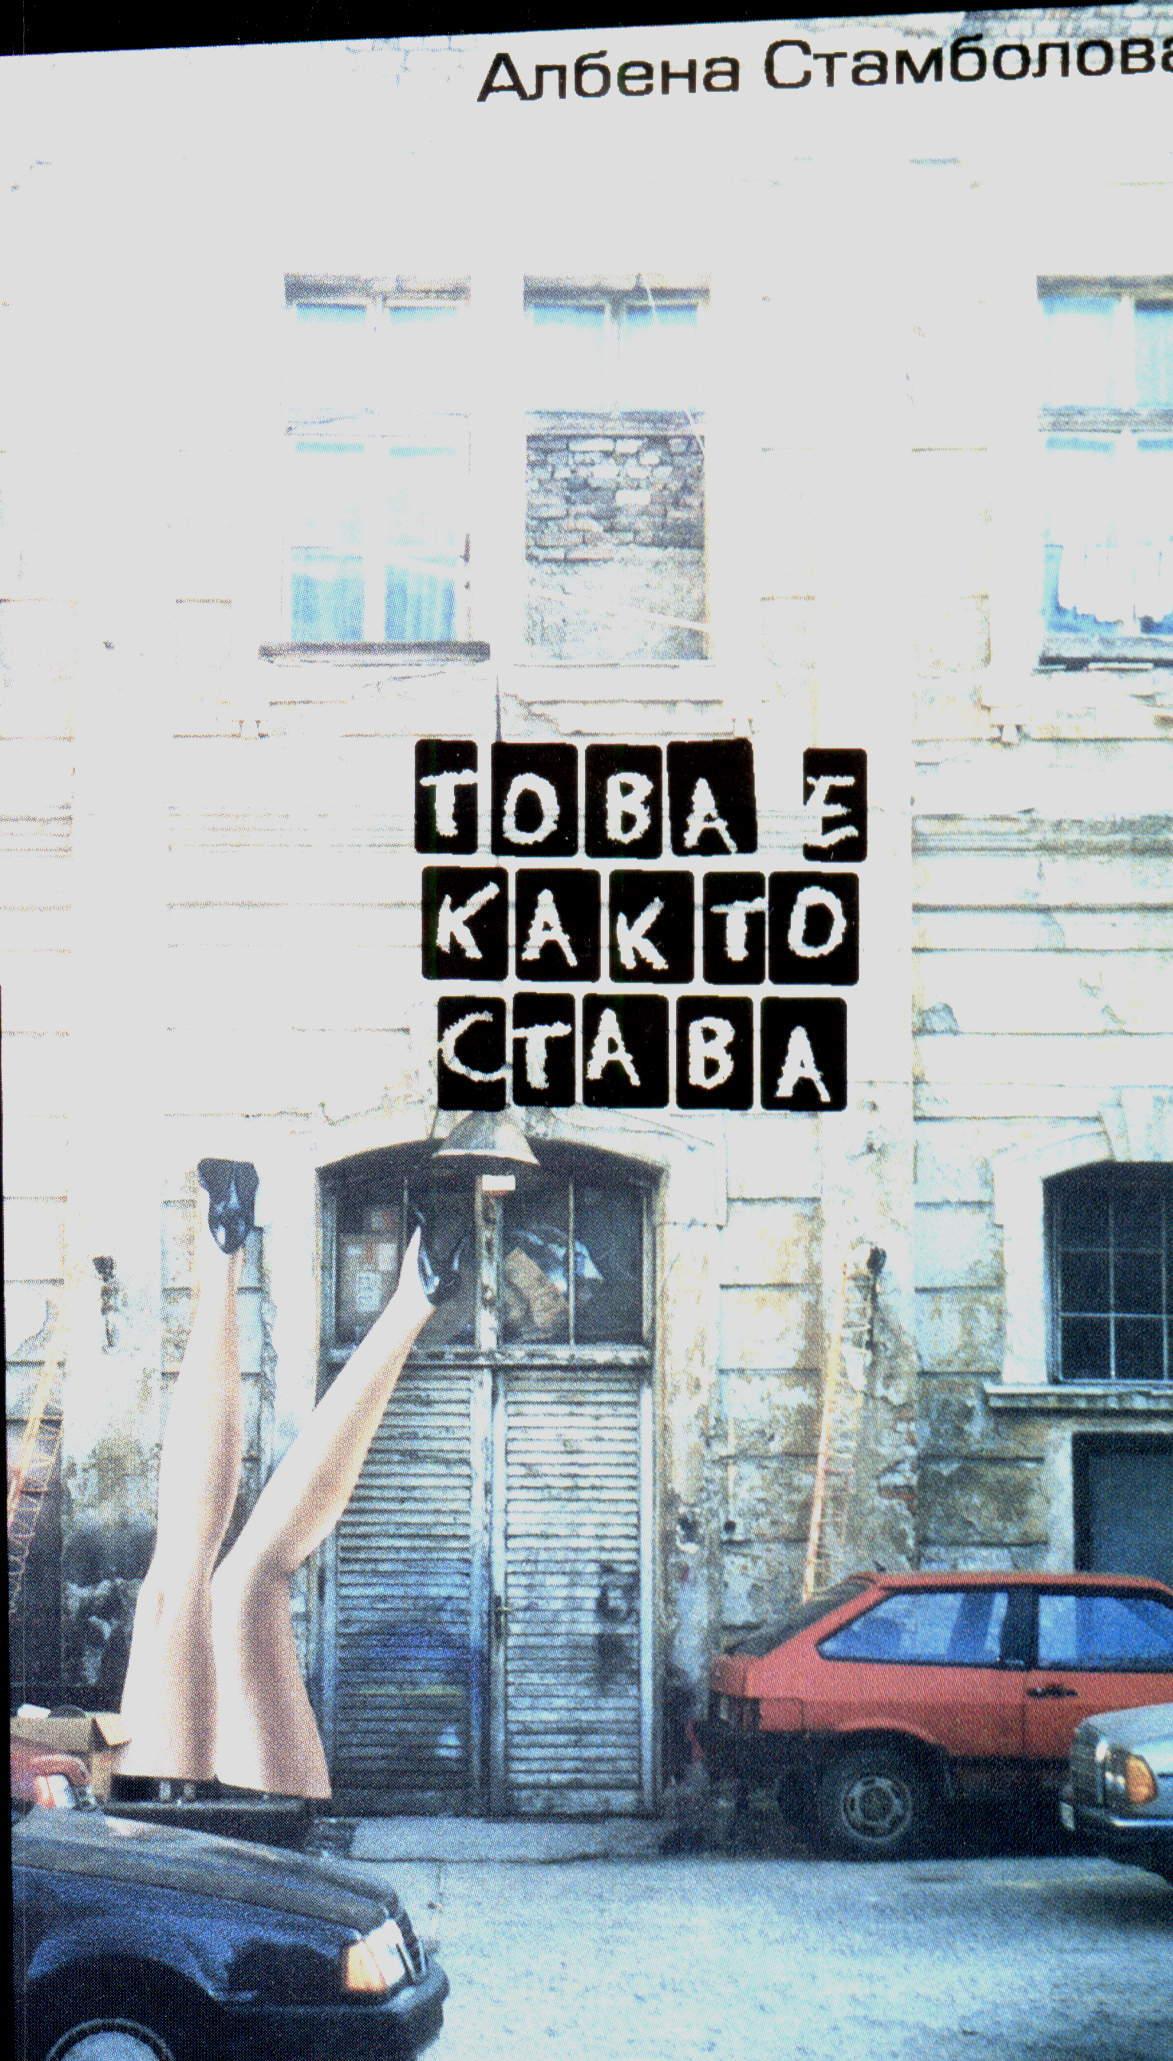 Албена Стамболова ``Това е както става``